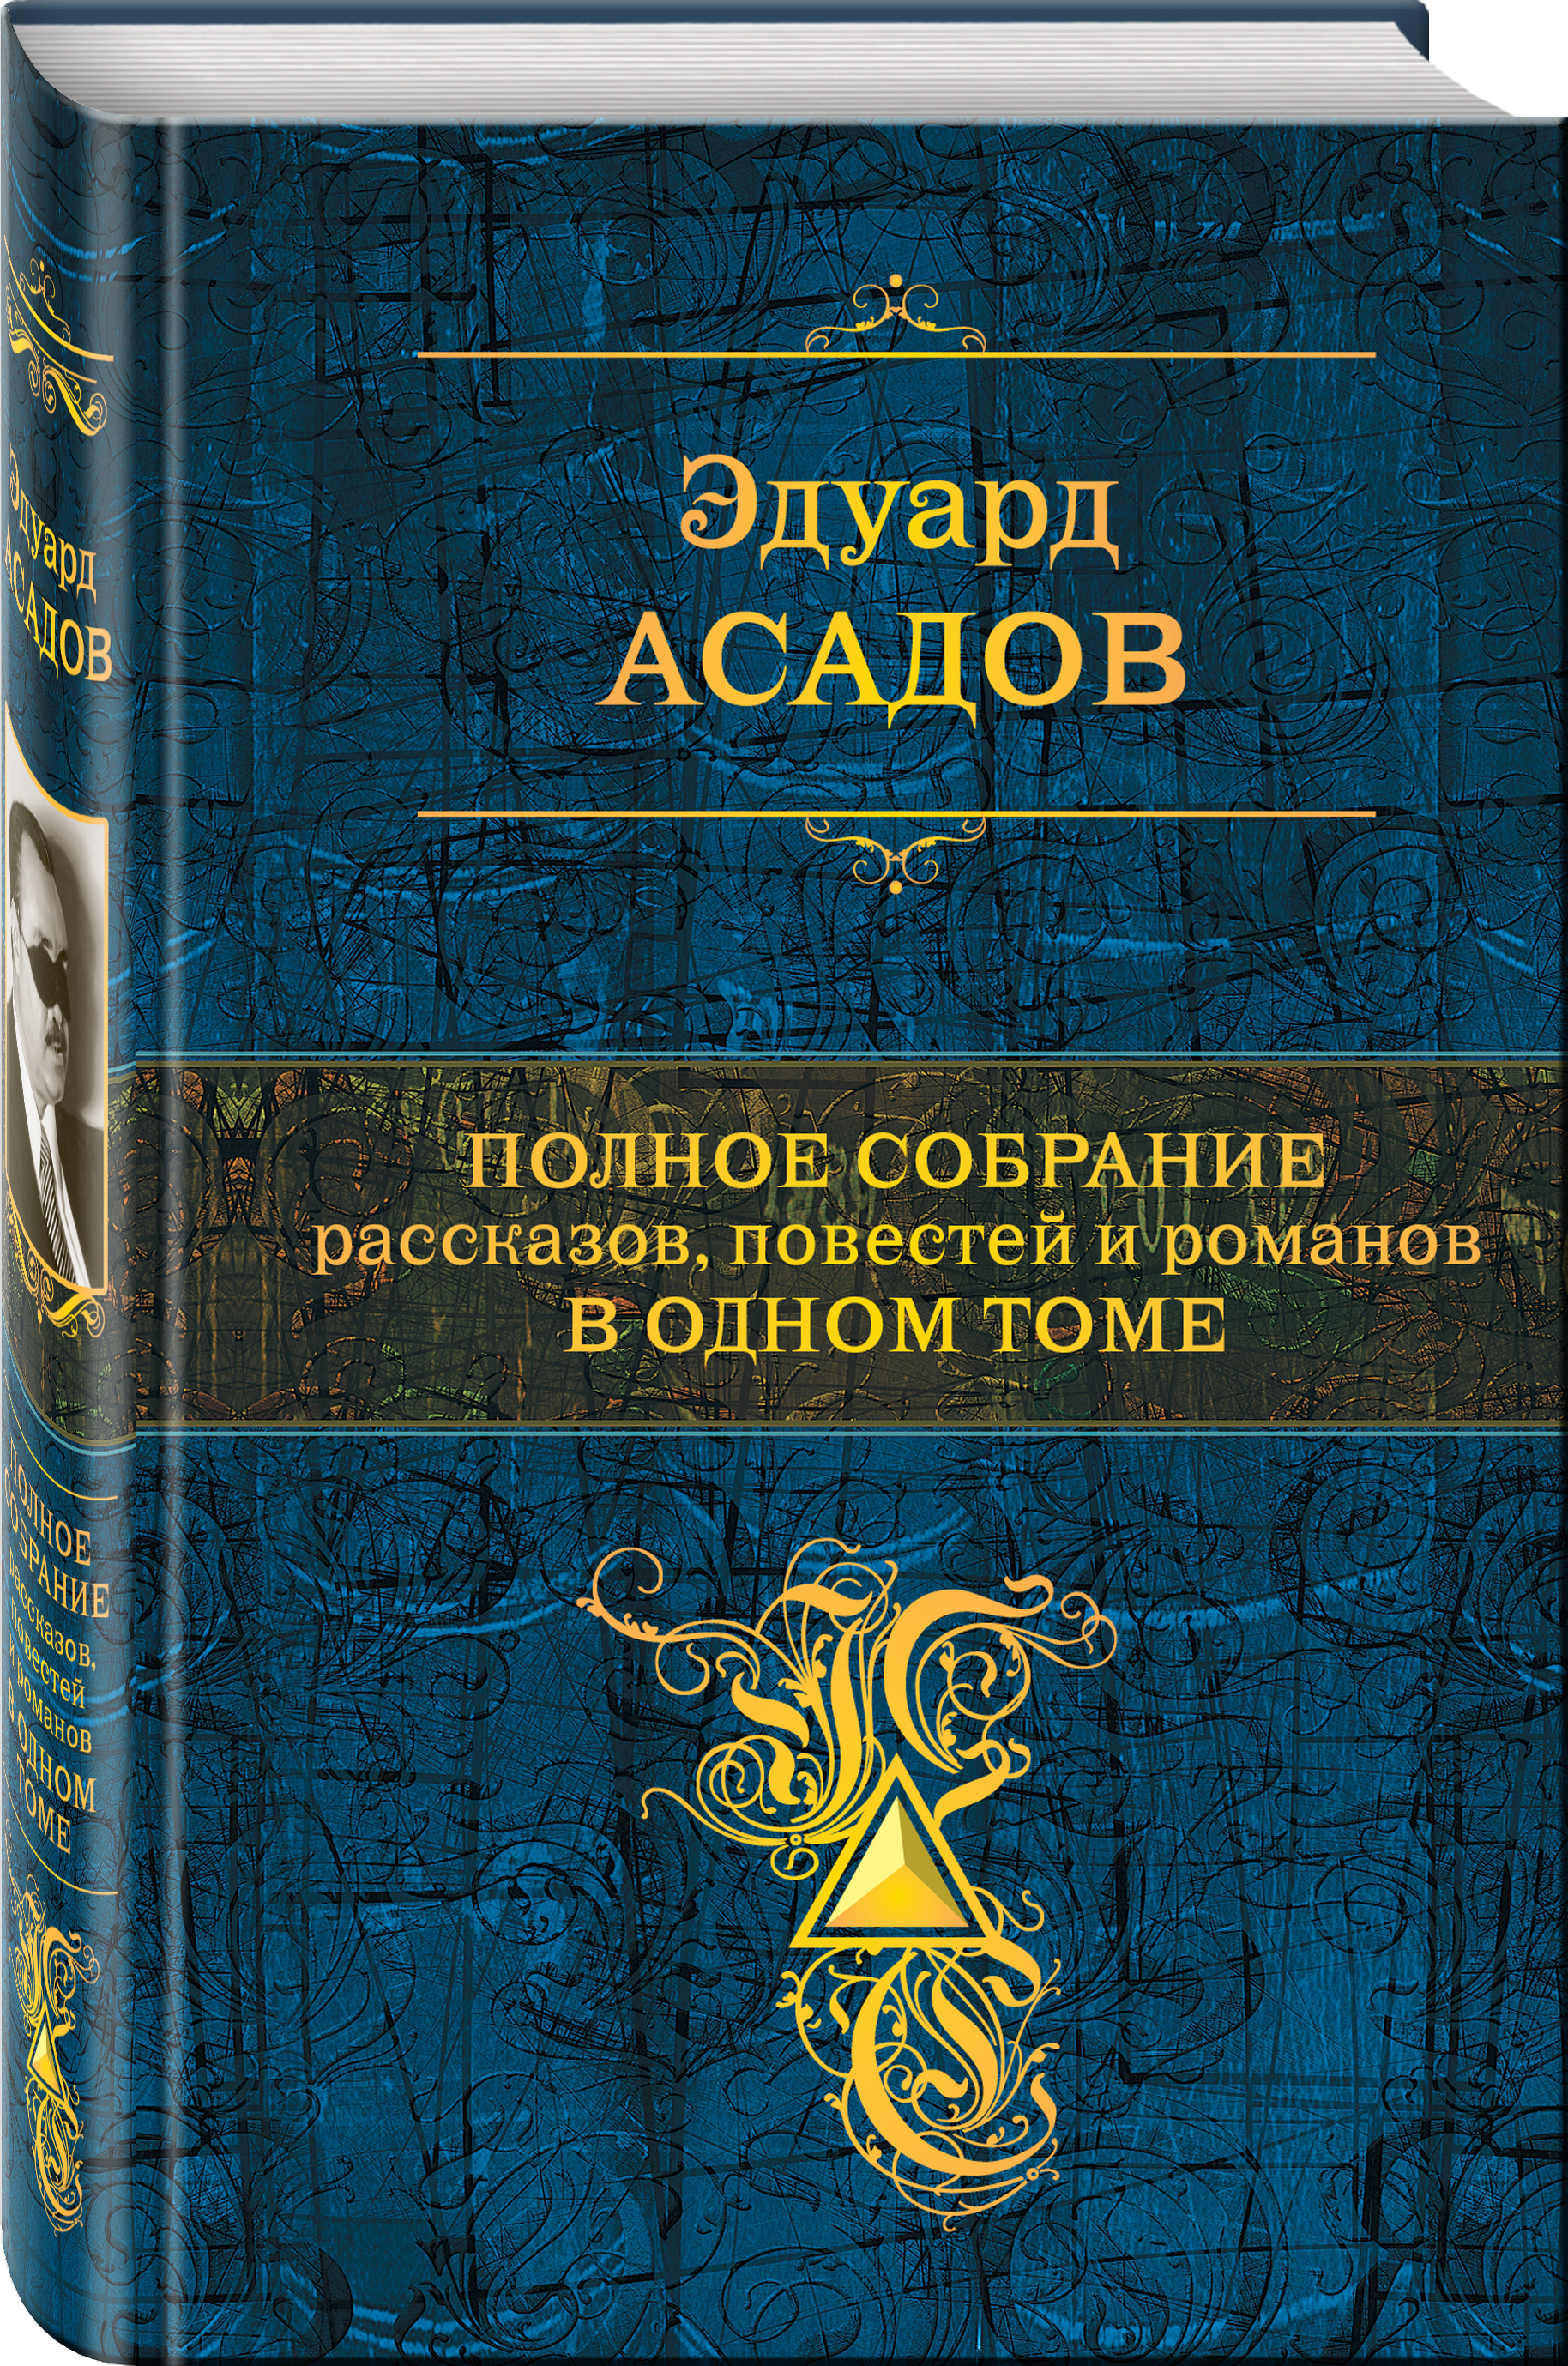 Полное собрание рассказов, повестей и романов в одном томе ( Эдуард Асадов  )